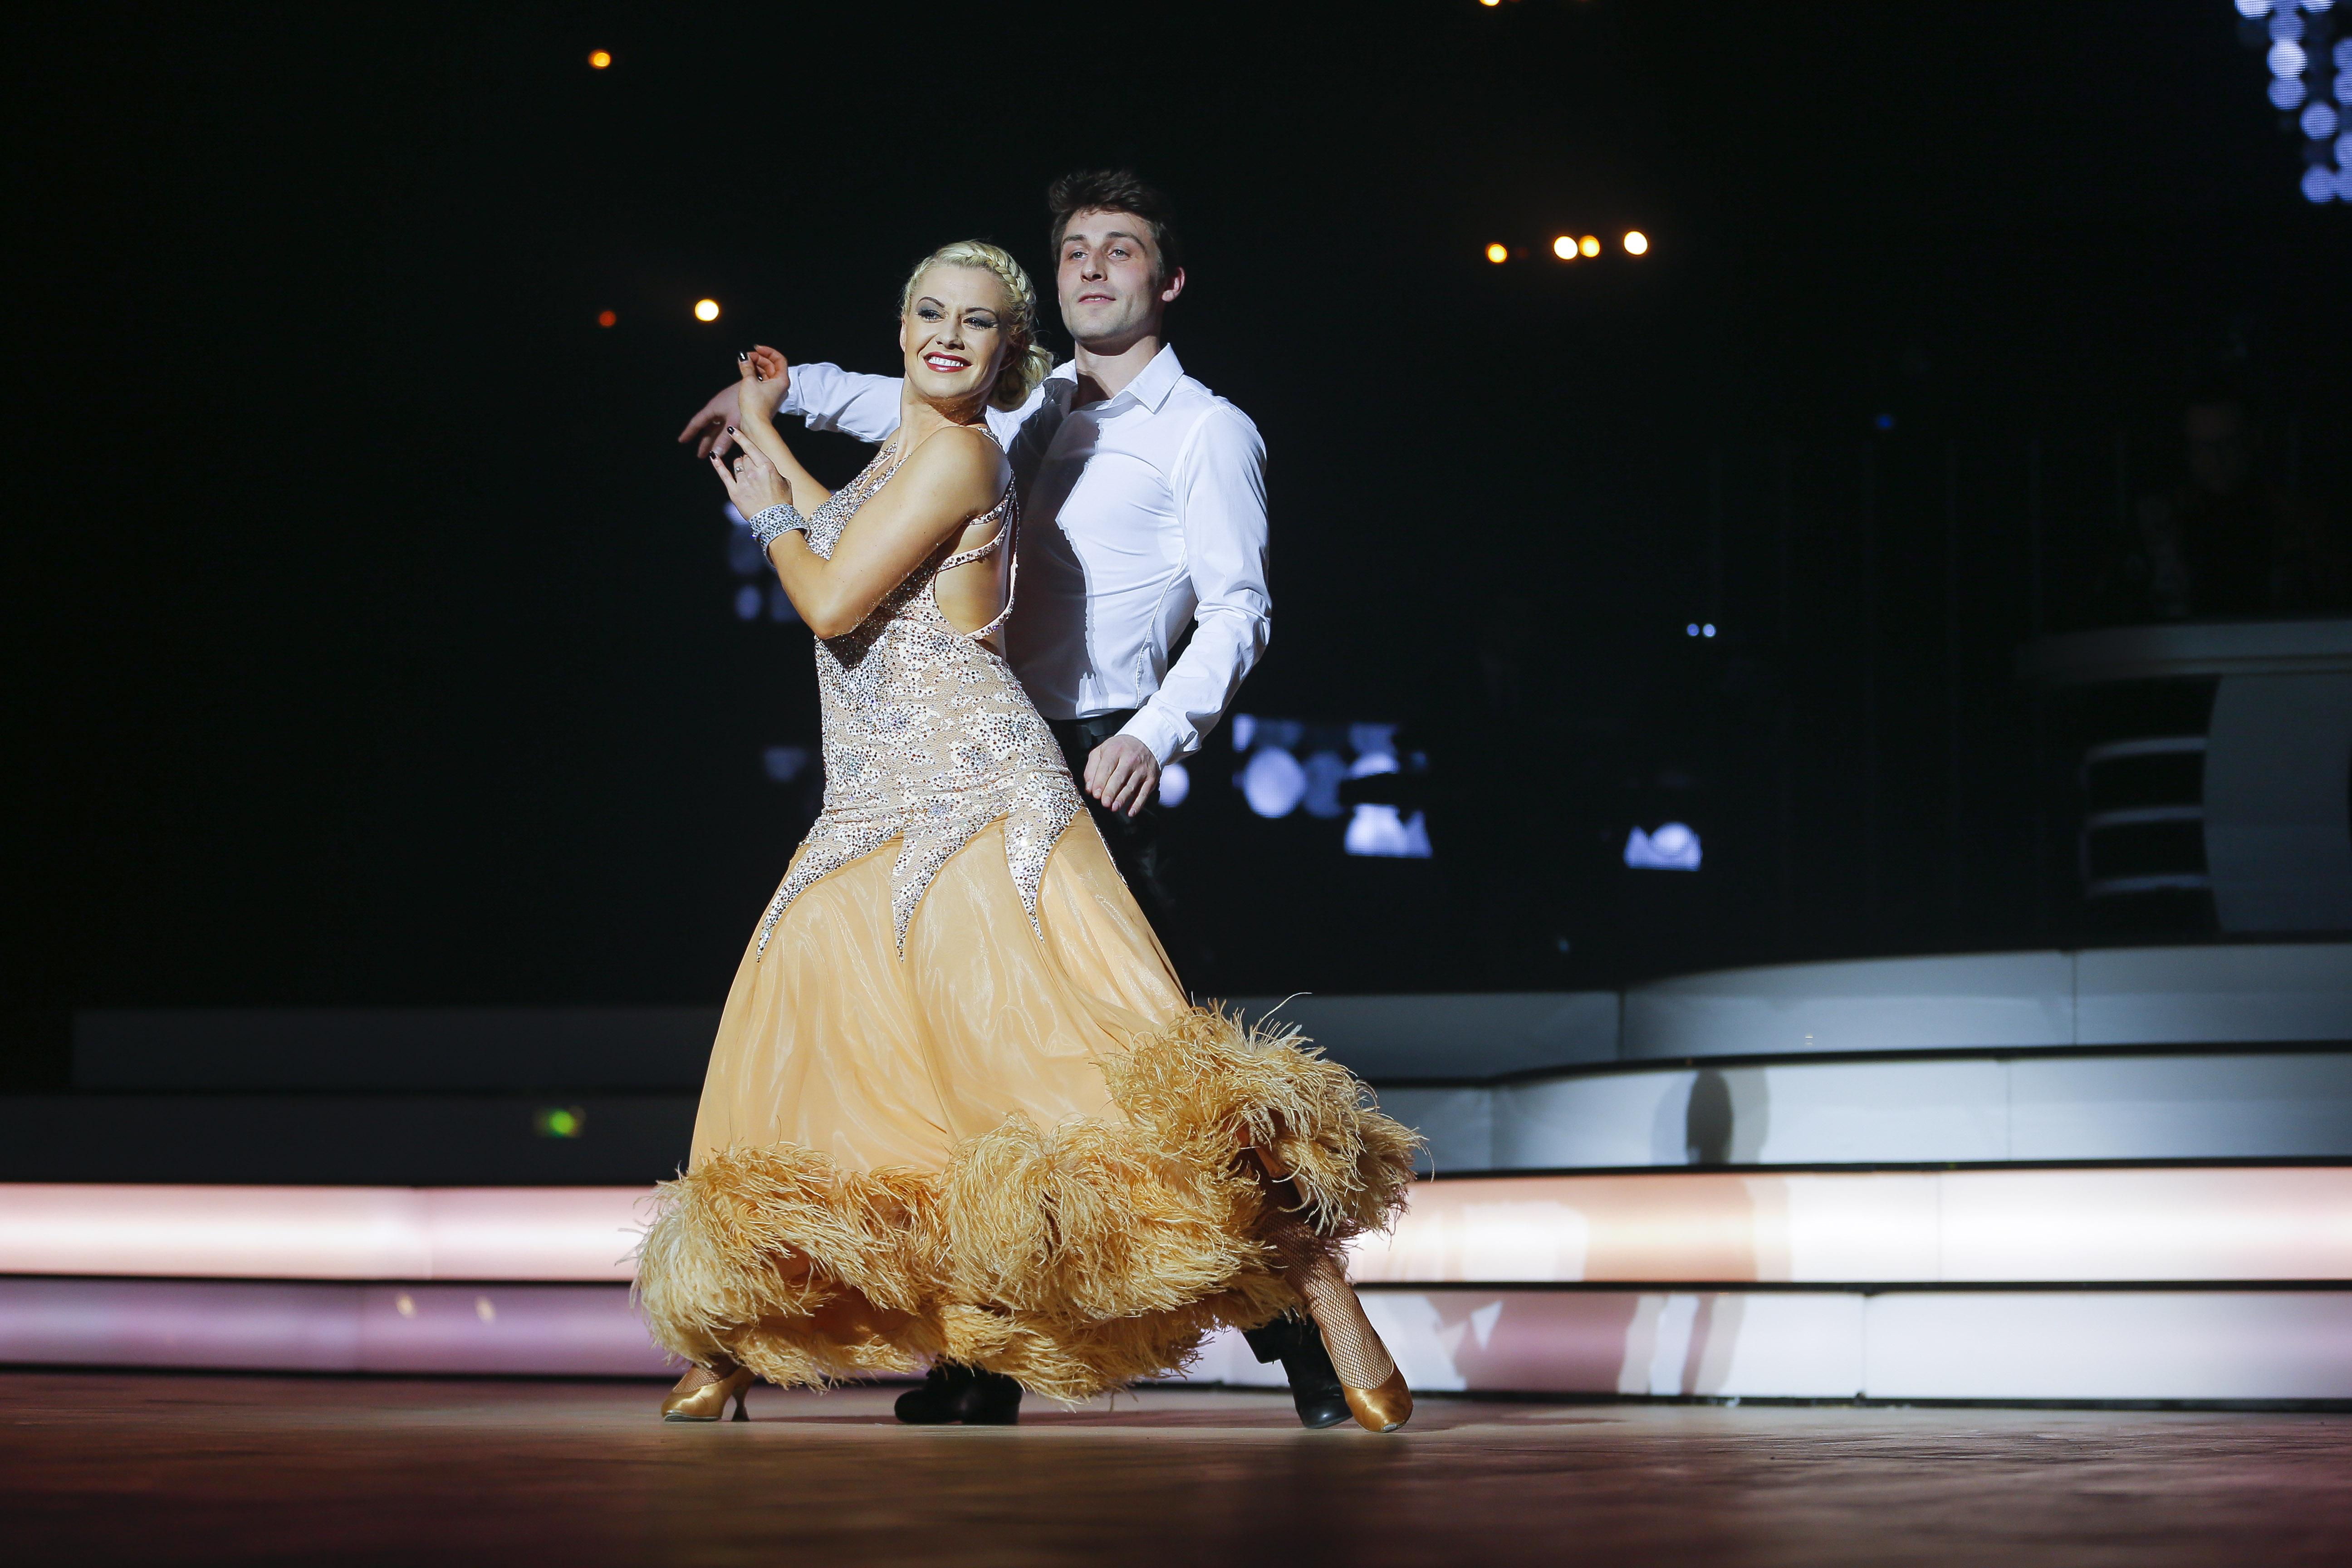 Danse Avec Stars Les Plus Belles Robes Gala